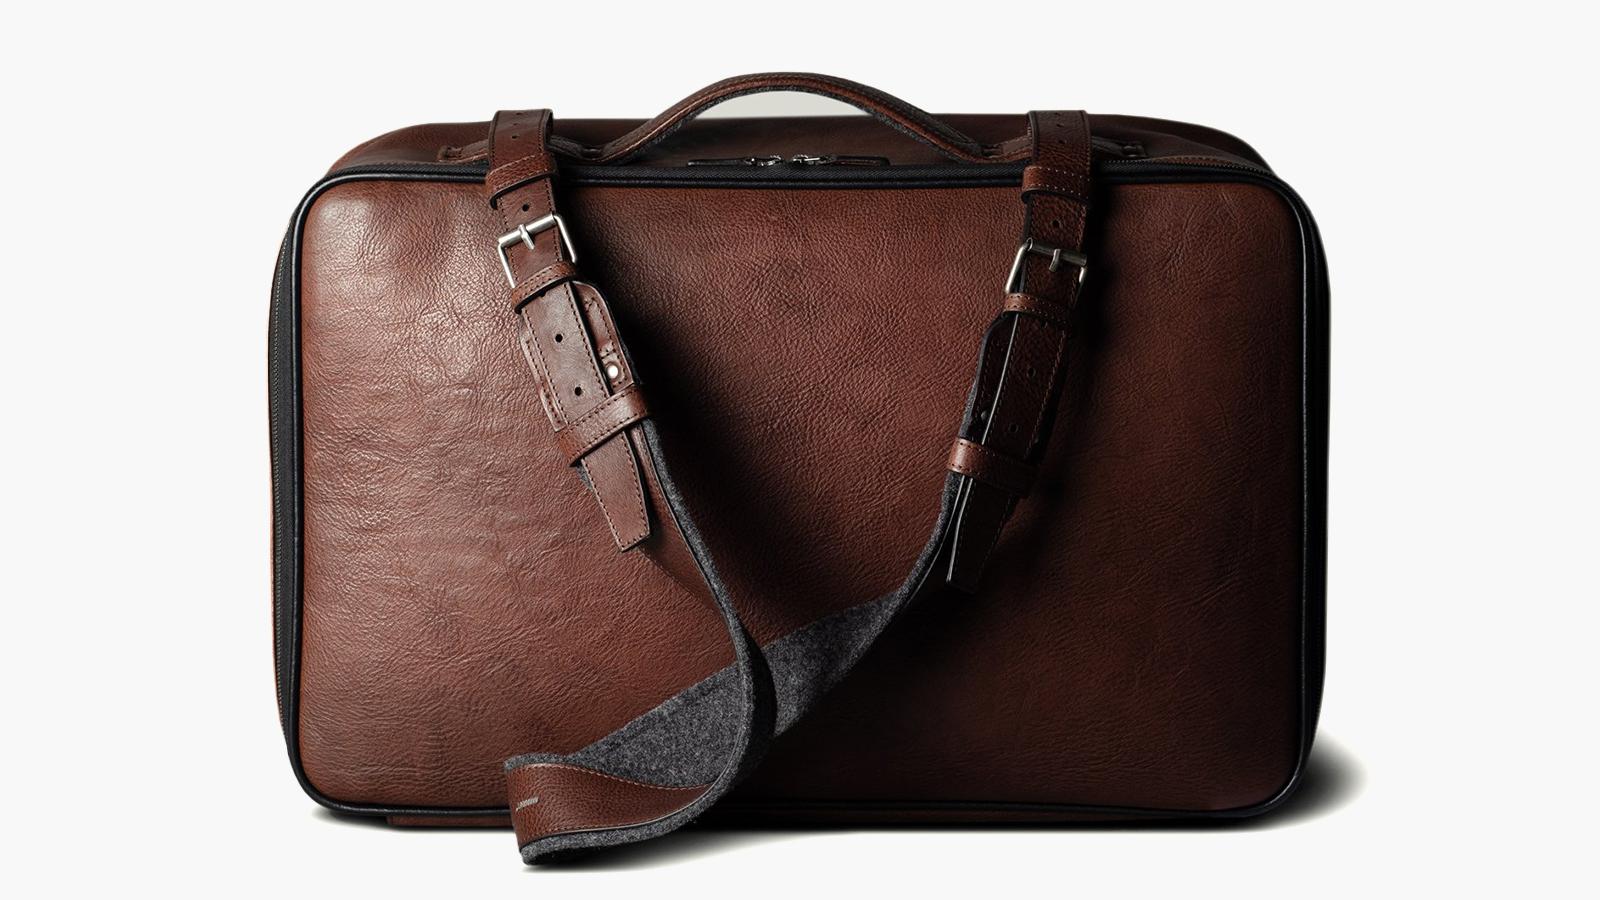 Hardgraft Carry On Suitcase